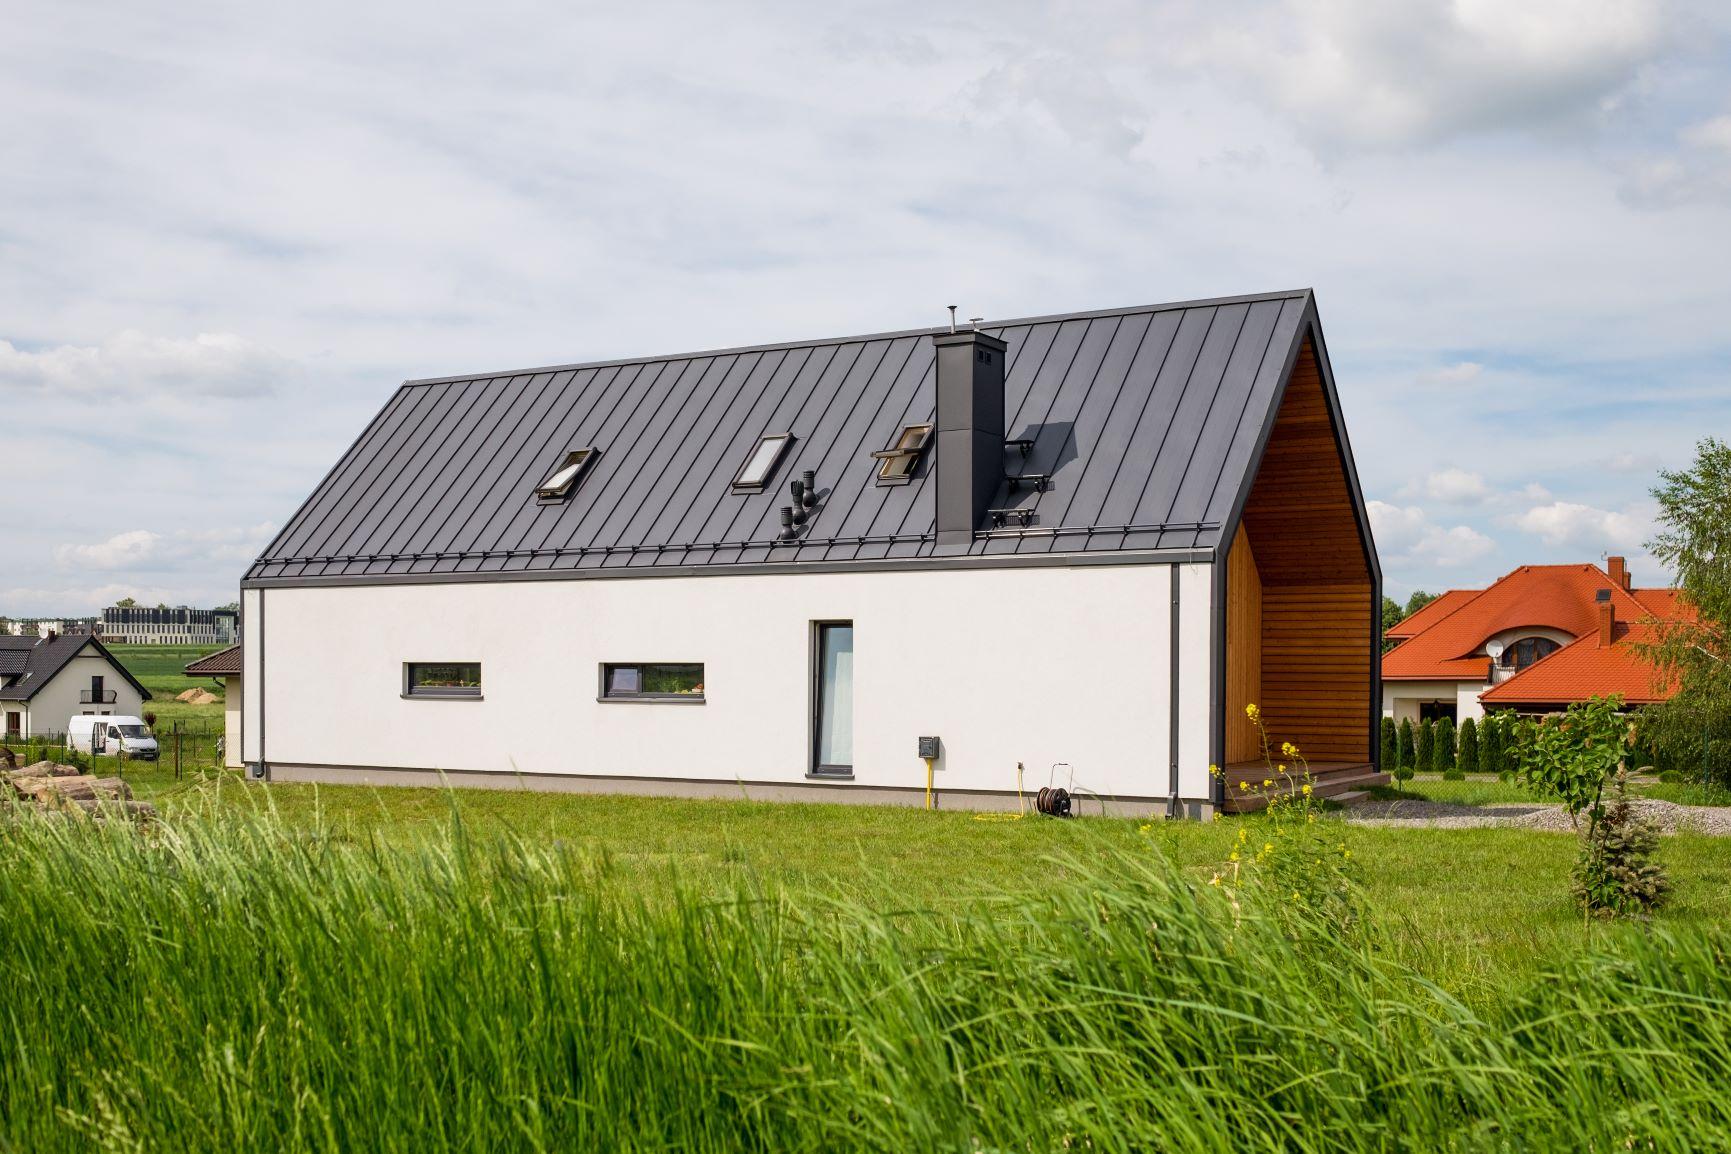 dom z dachem antracytowym